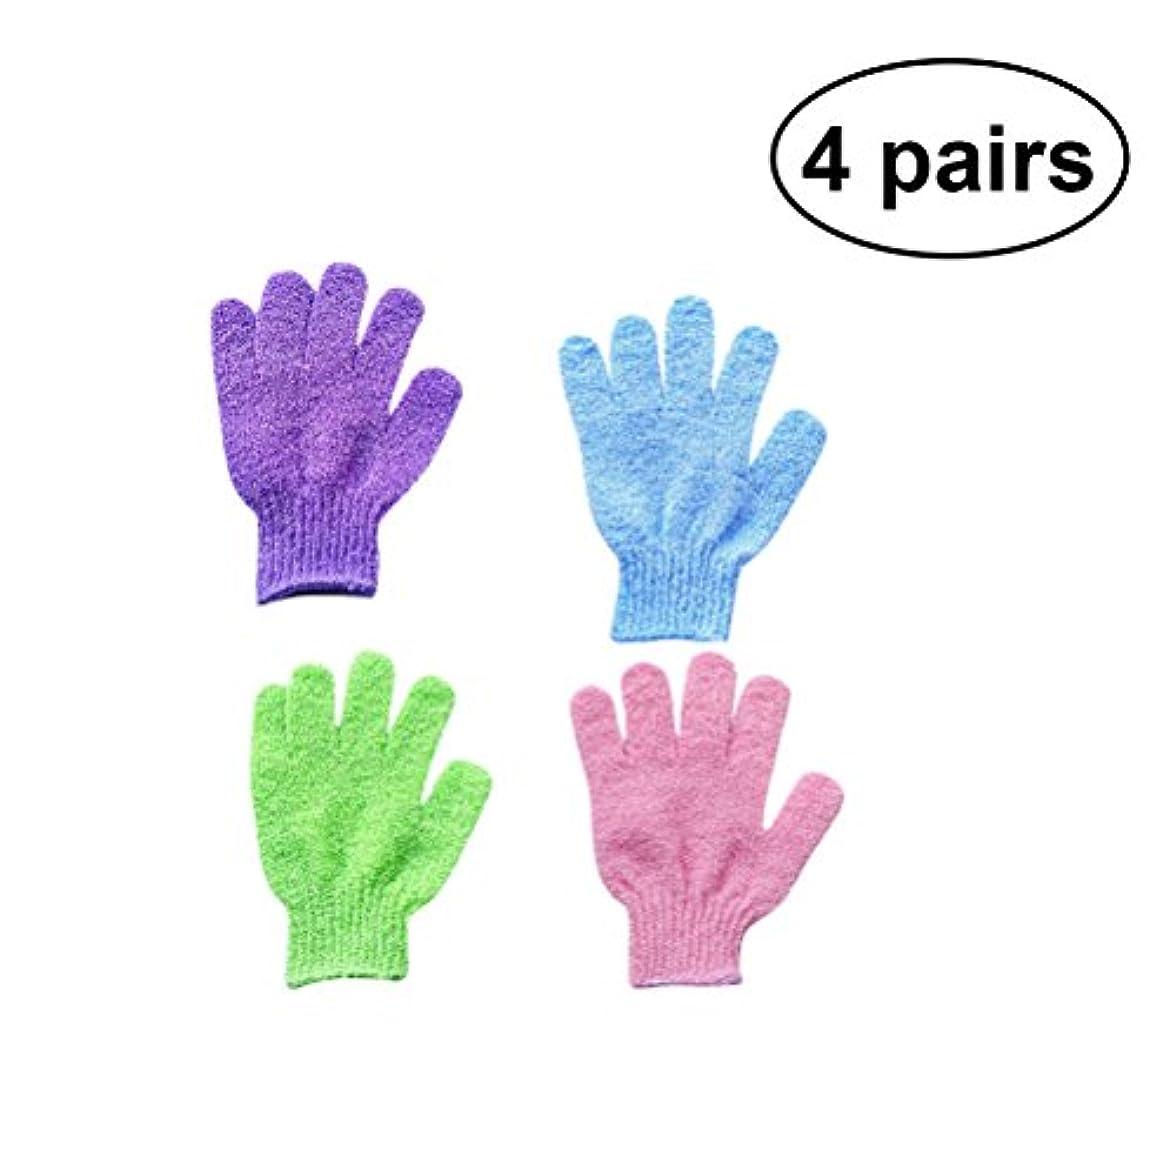 ロボット軸合法Healifty 4 Pairs Exfoliating Bath Gloves Shower Mitts Exfoliating Body Spa Massage Dead Skin Cell Remover